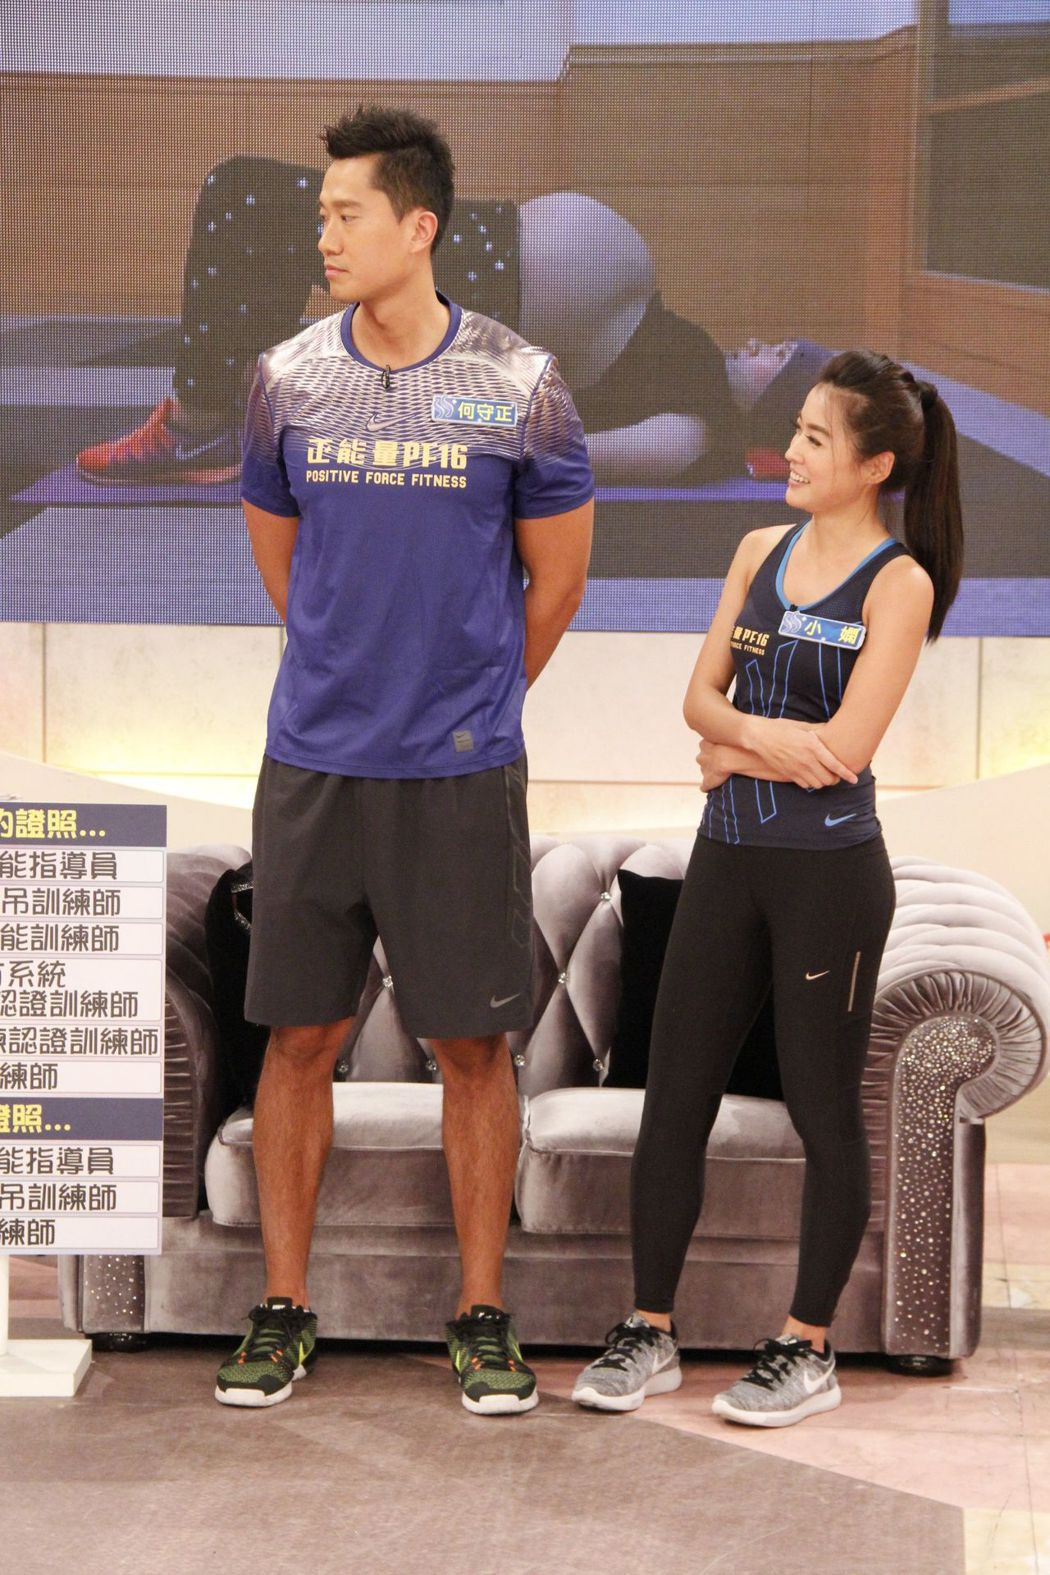 小嫻(右)為愛而動,為了接觸何守正才開始運動,身形瘦了不少,但兩人身高差仍是話題...